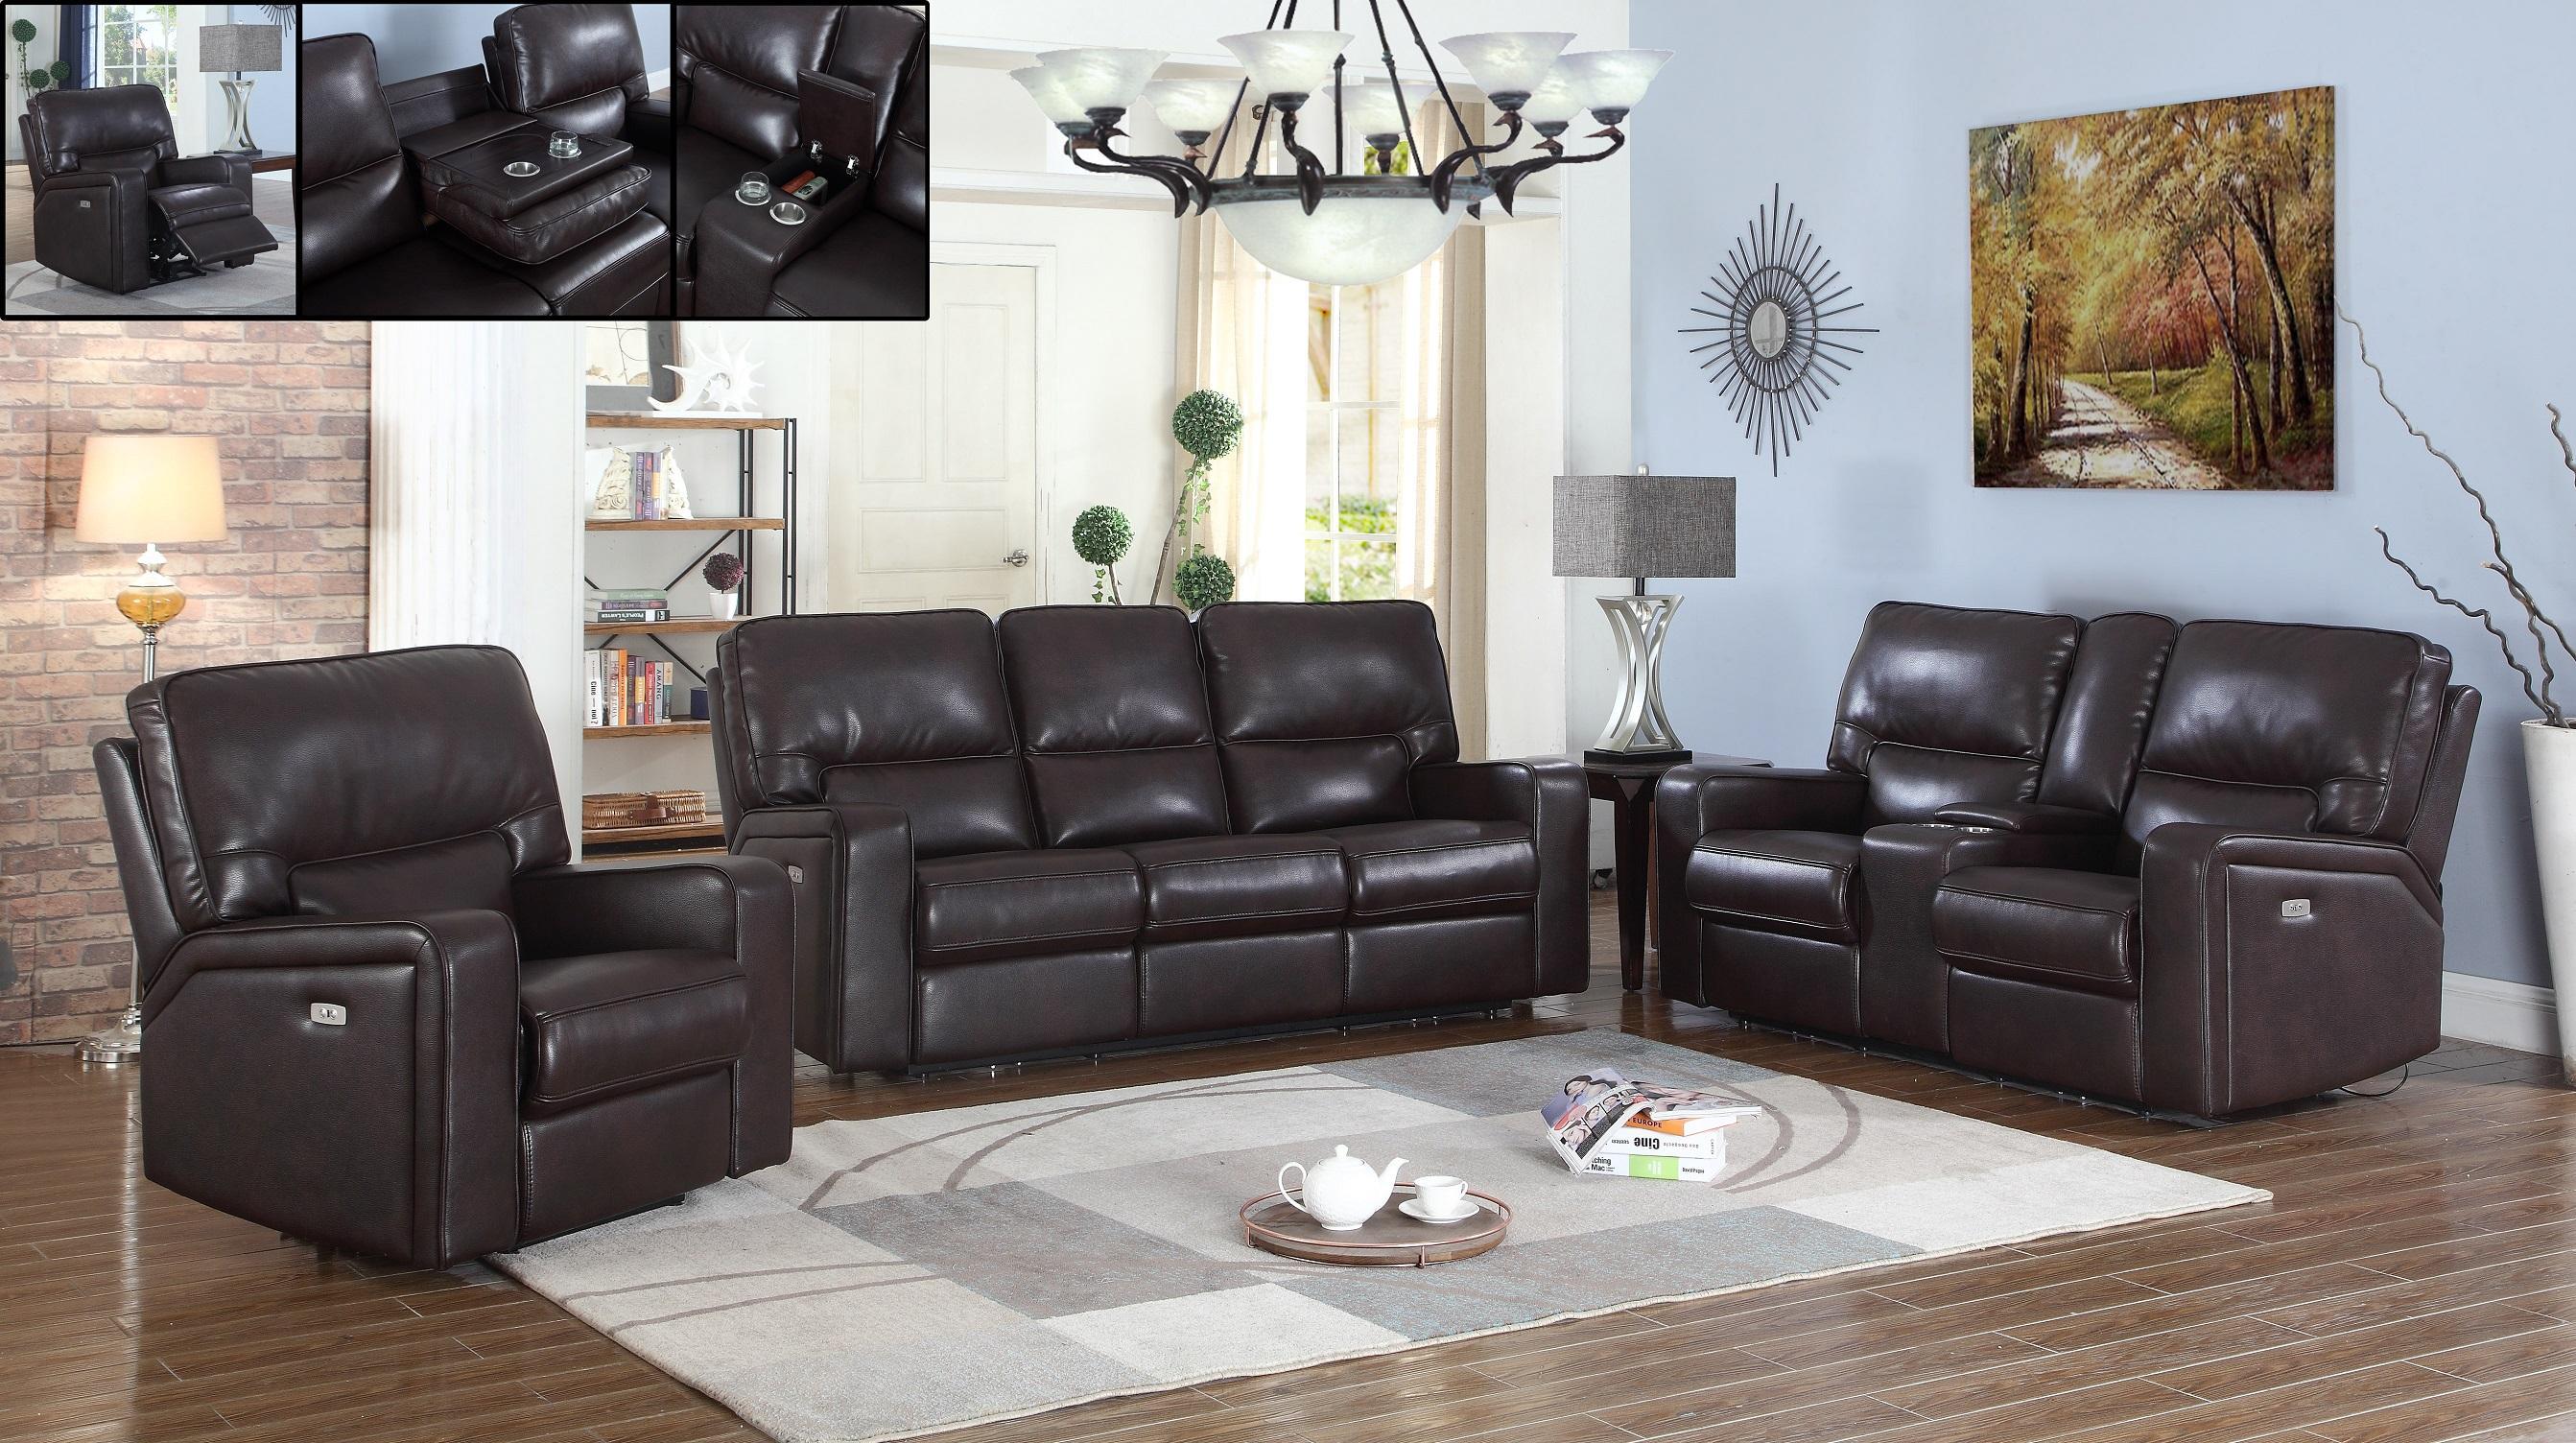 6665 mega furniture imports ltd. Black Bedroom Furniture Sets. Home Design Ideas